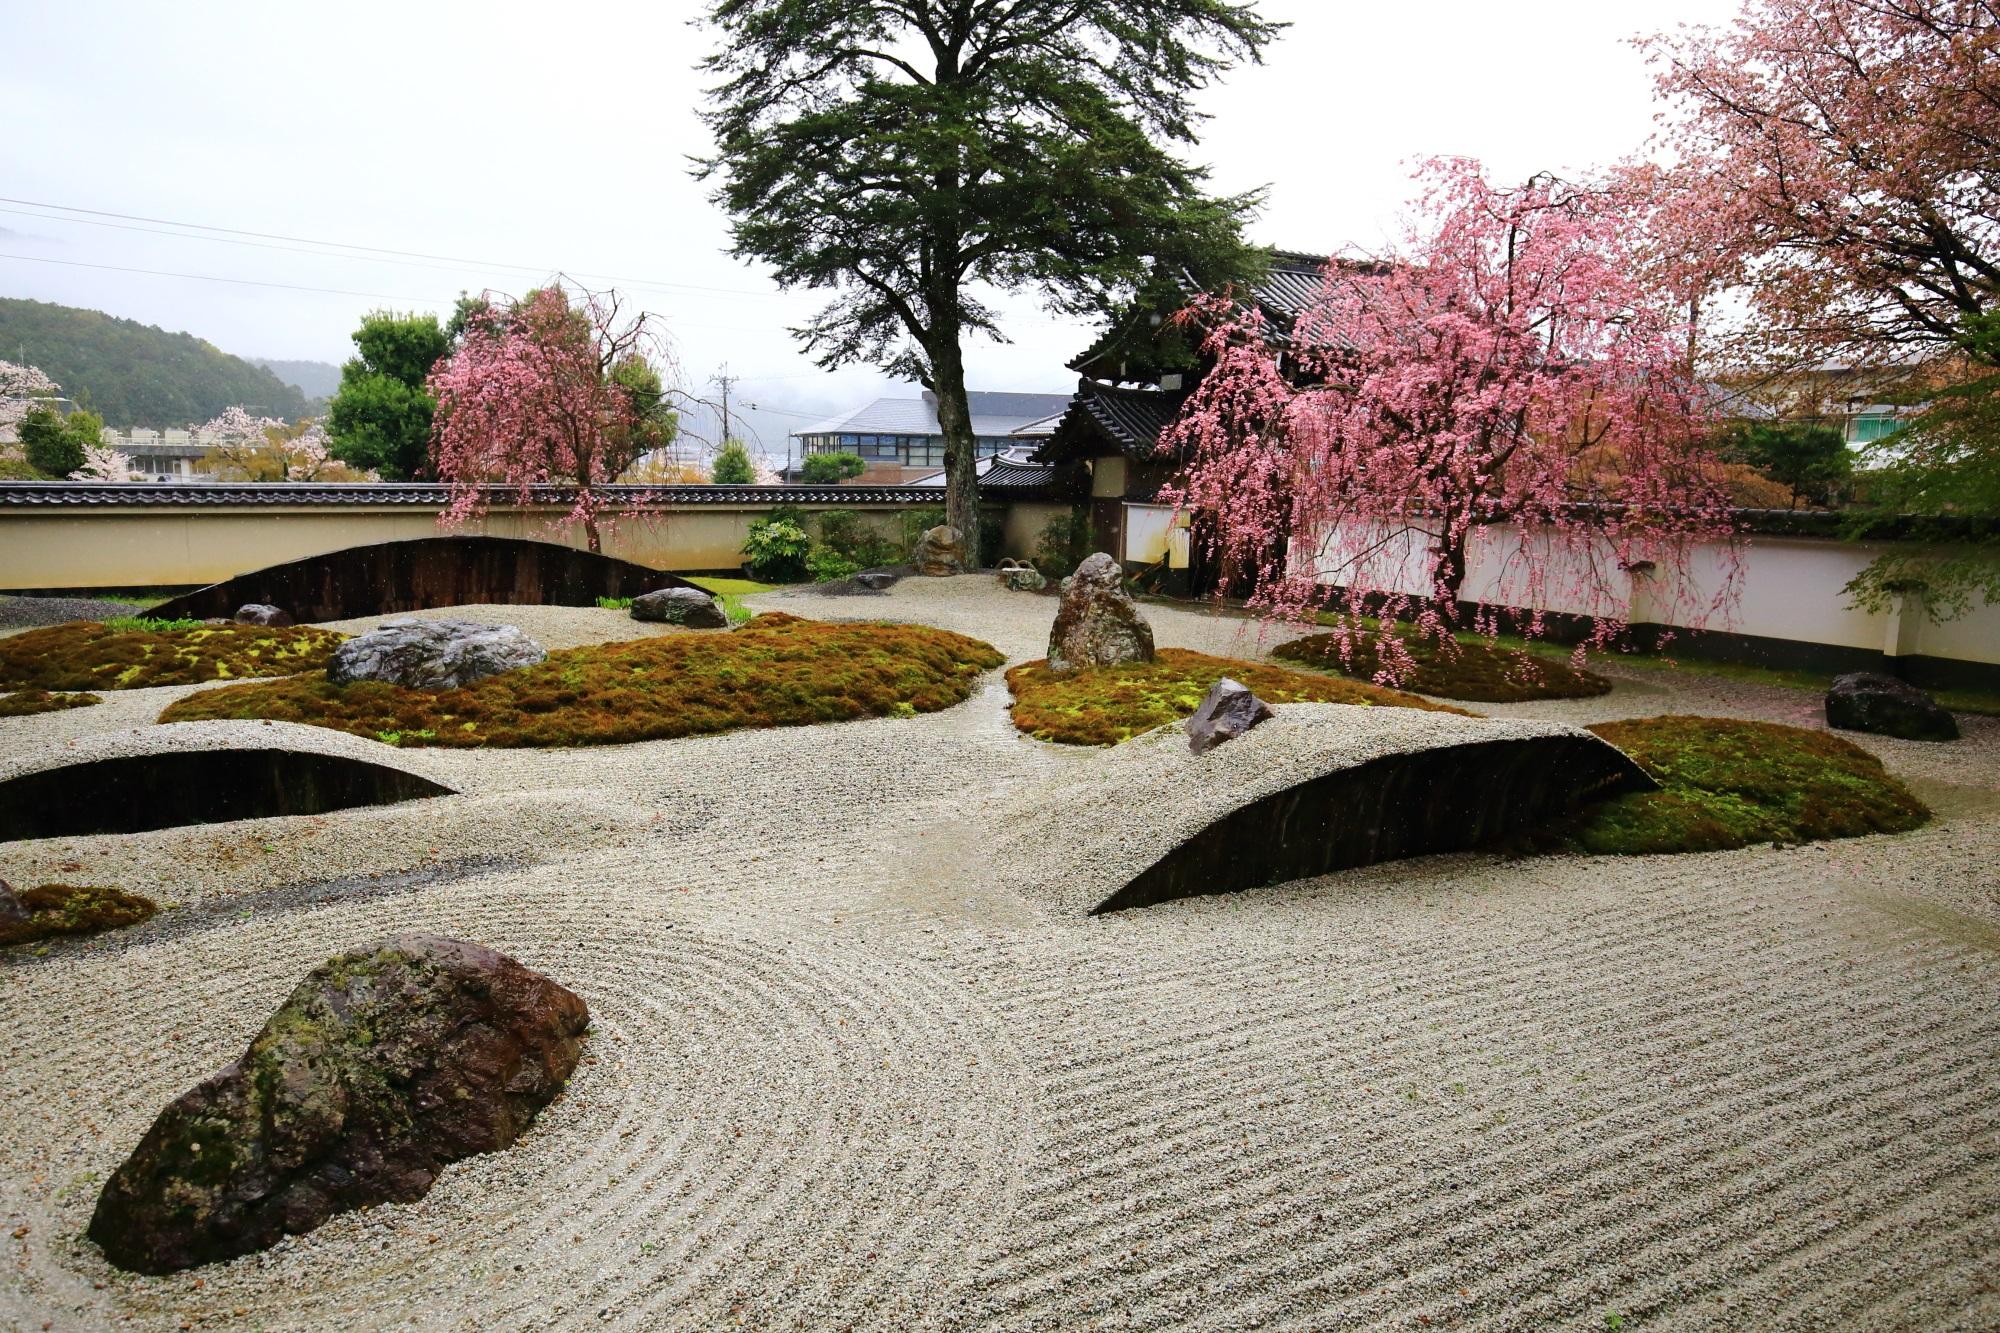 しだれ桜の咲く実相院の石庭